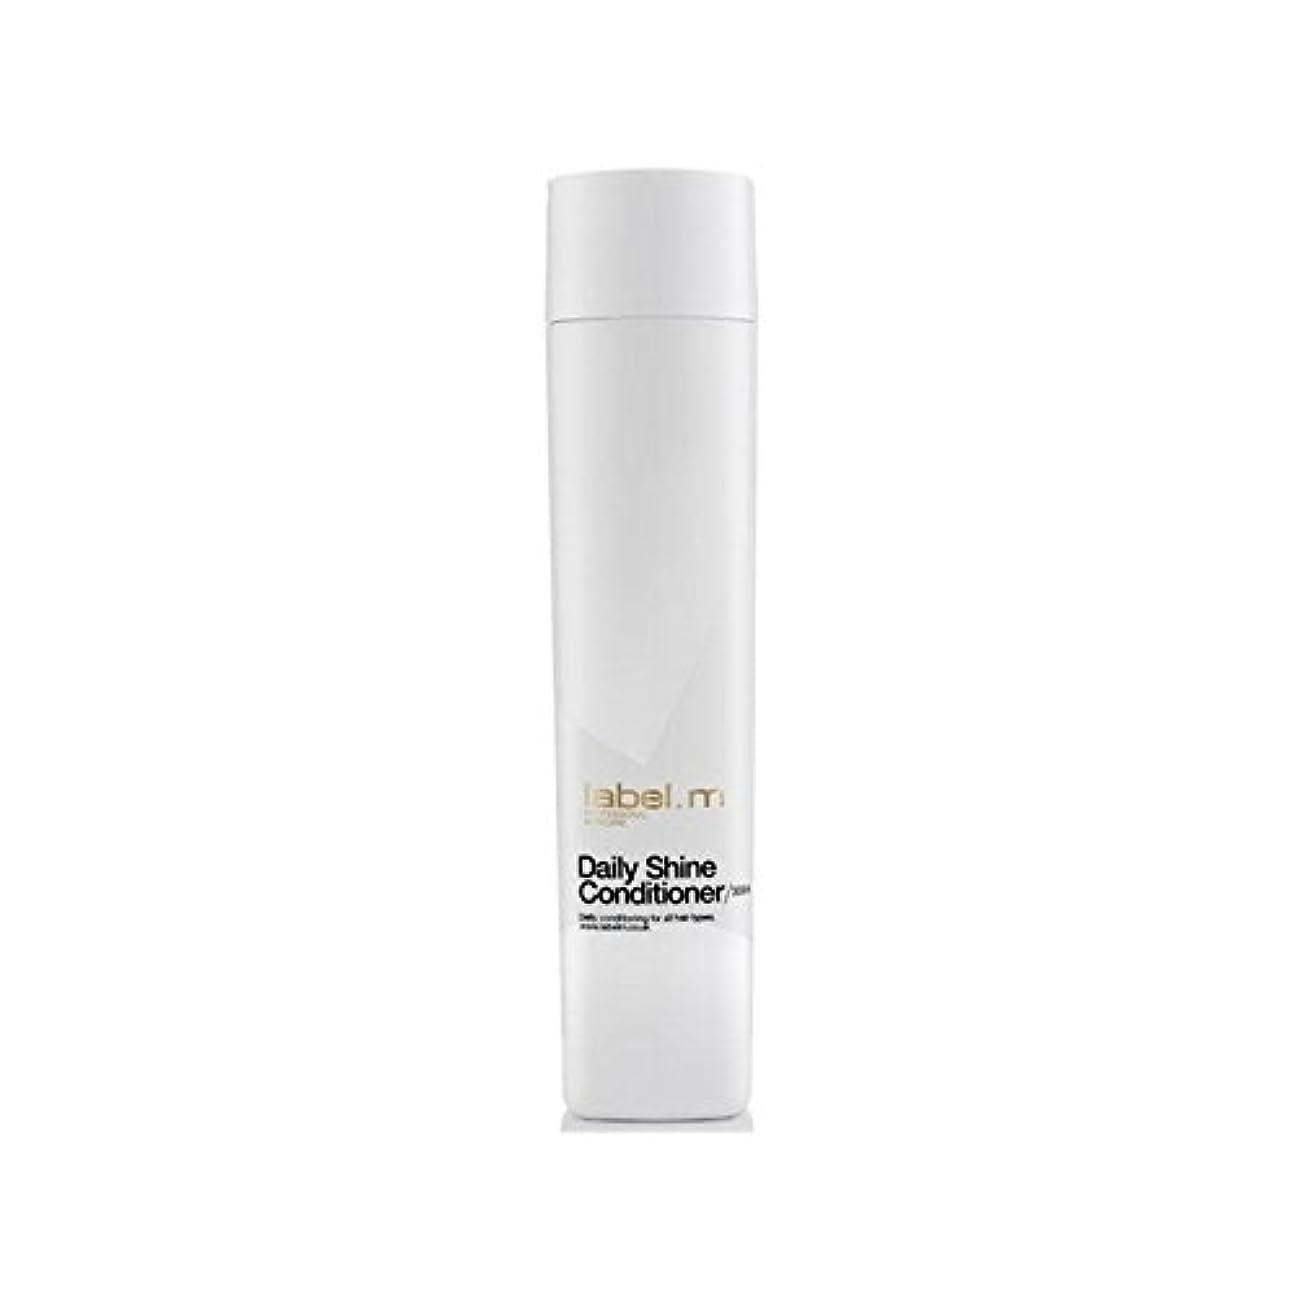 特派員半径確実Label.M Daily Shine Conditioner (300ml) - .毎日シャインコンディショナー(300ミリリットル) [並行輸入品]